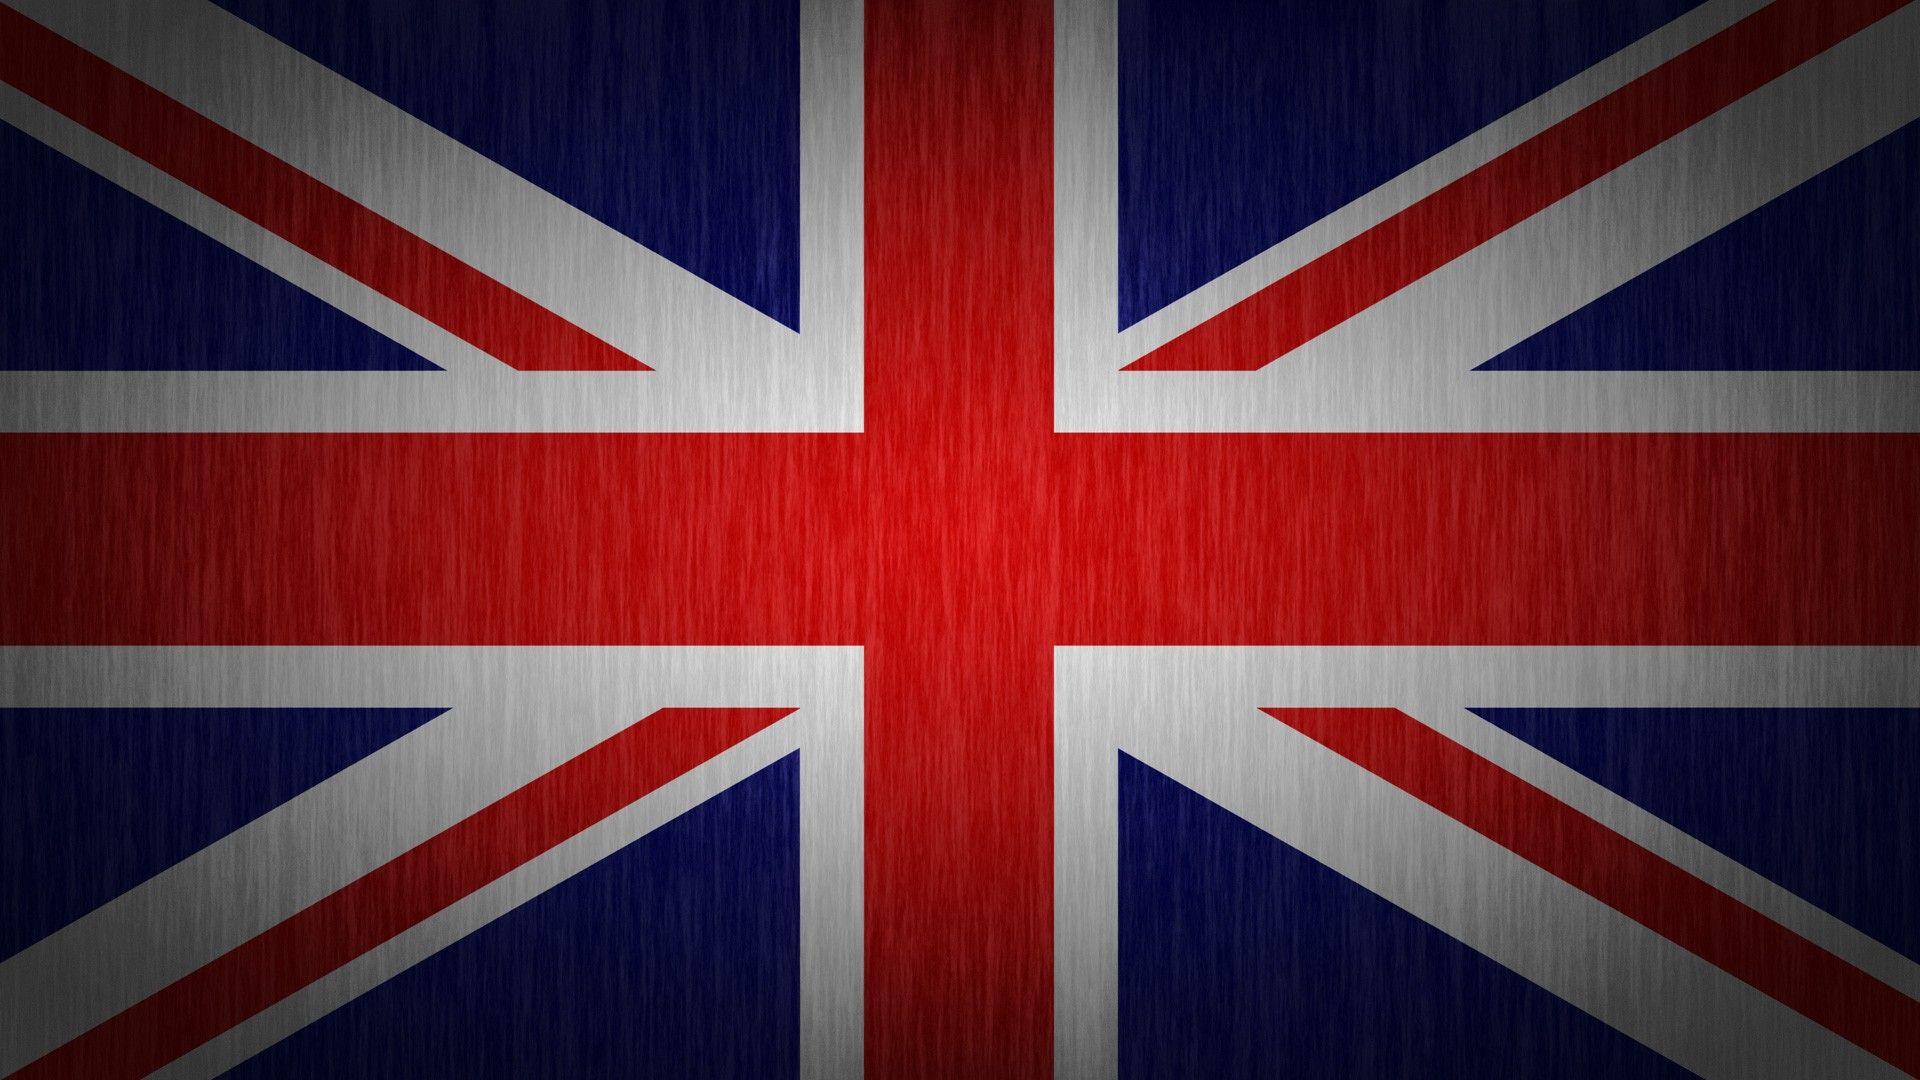 Zapraszamy do Animy na zajęcia z języka angielskiego!